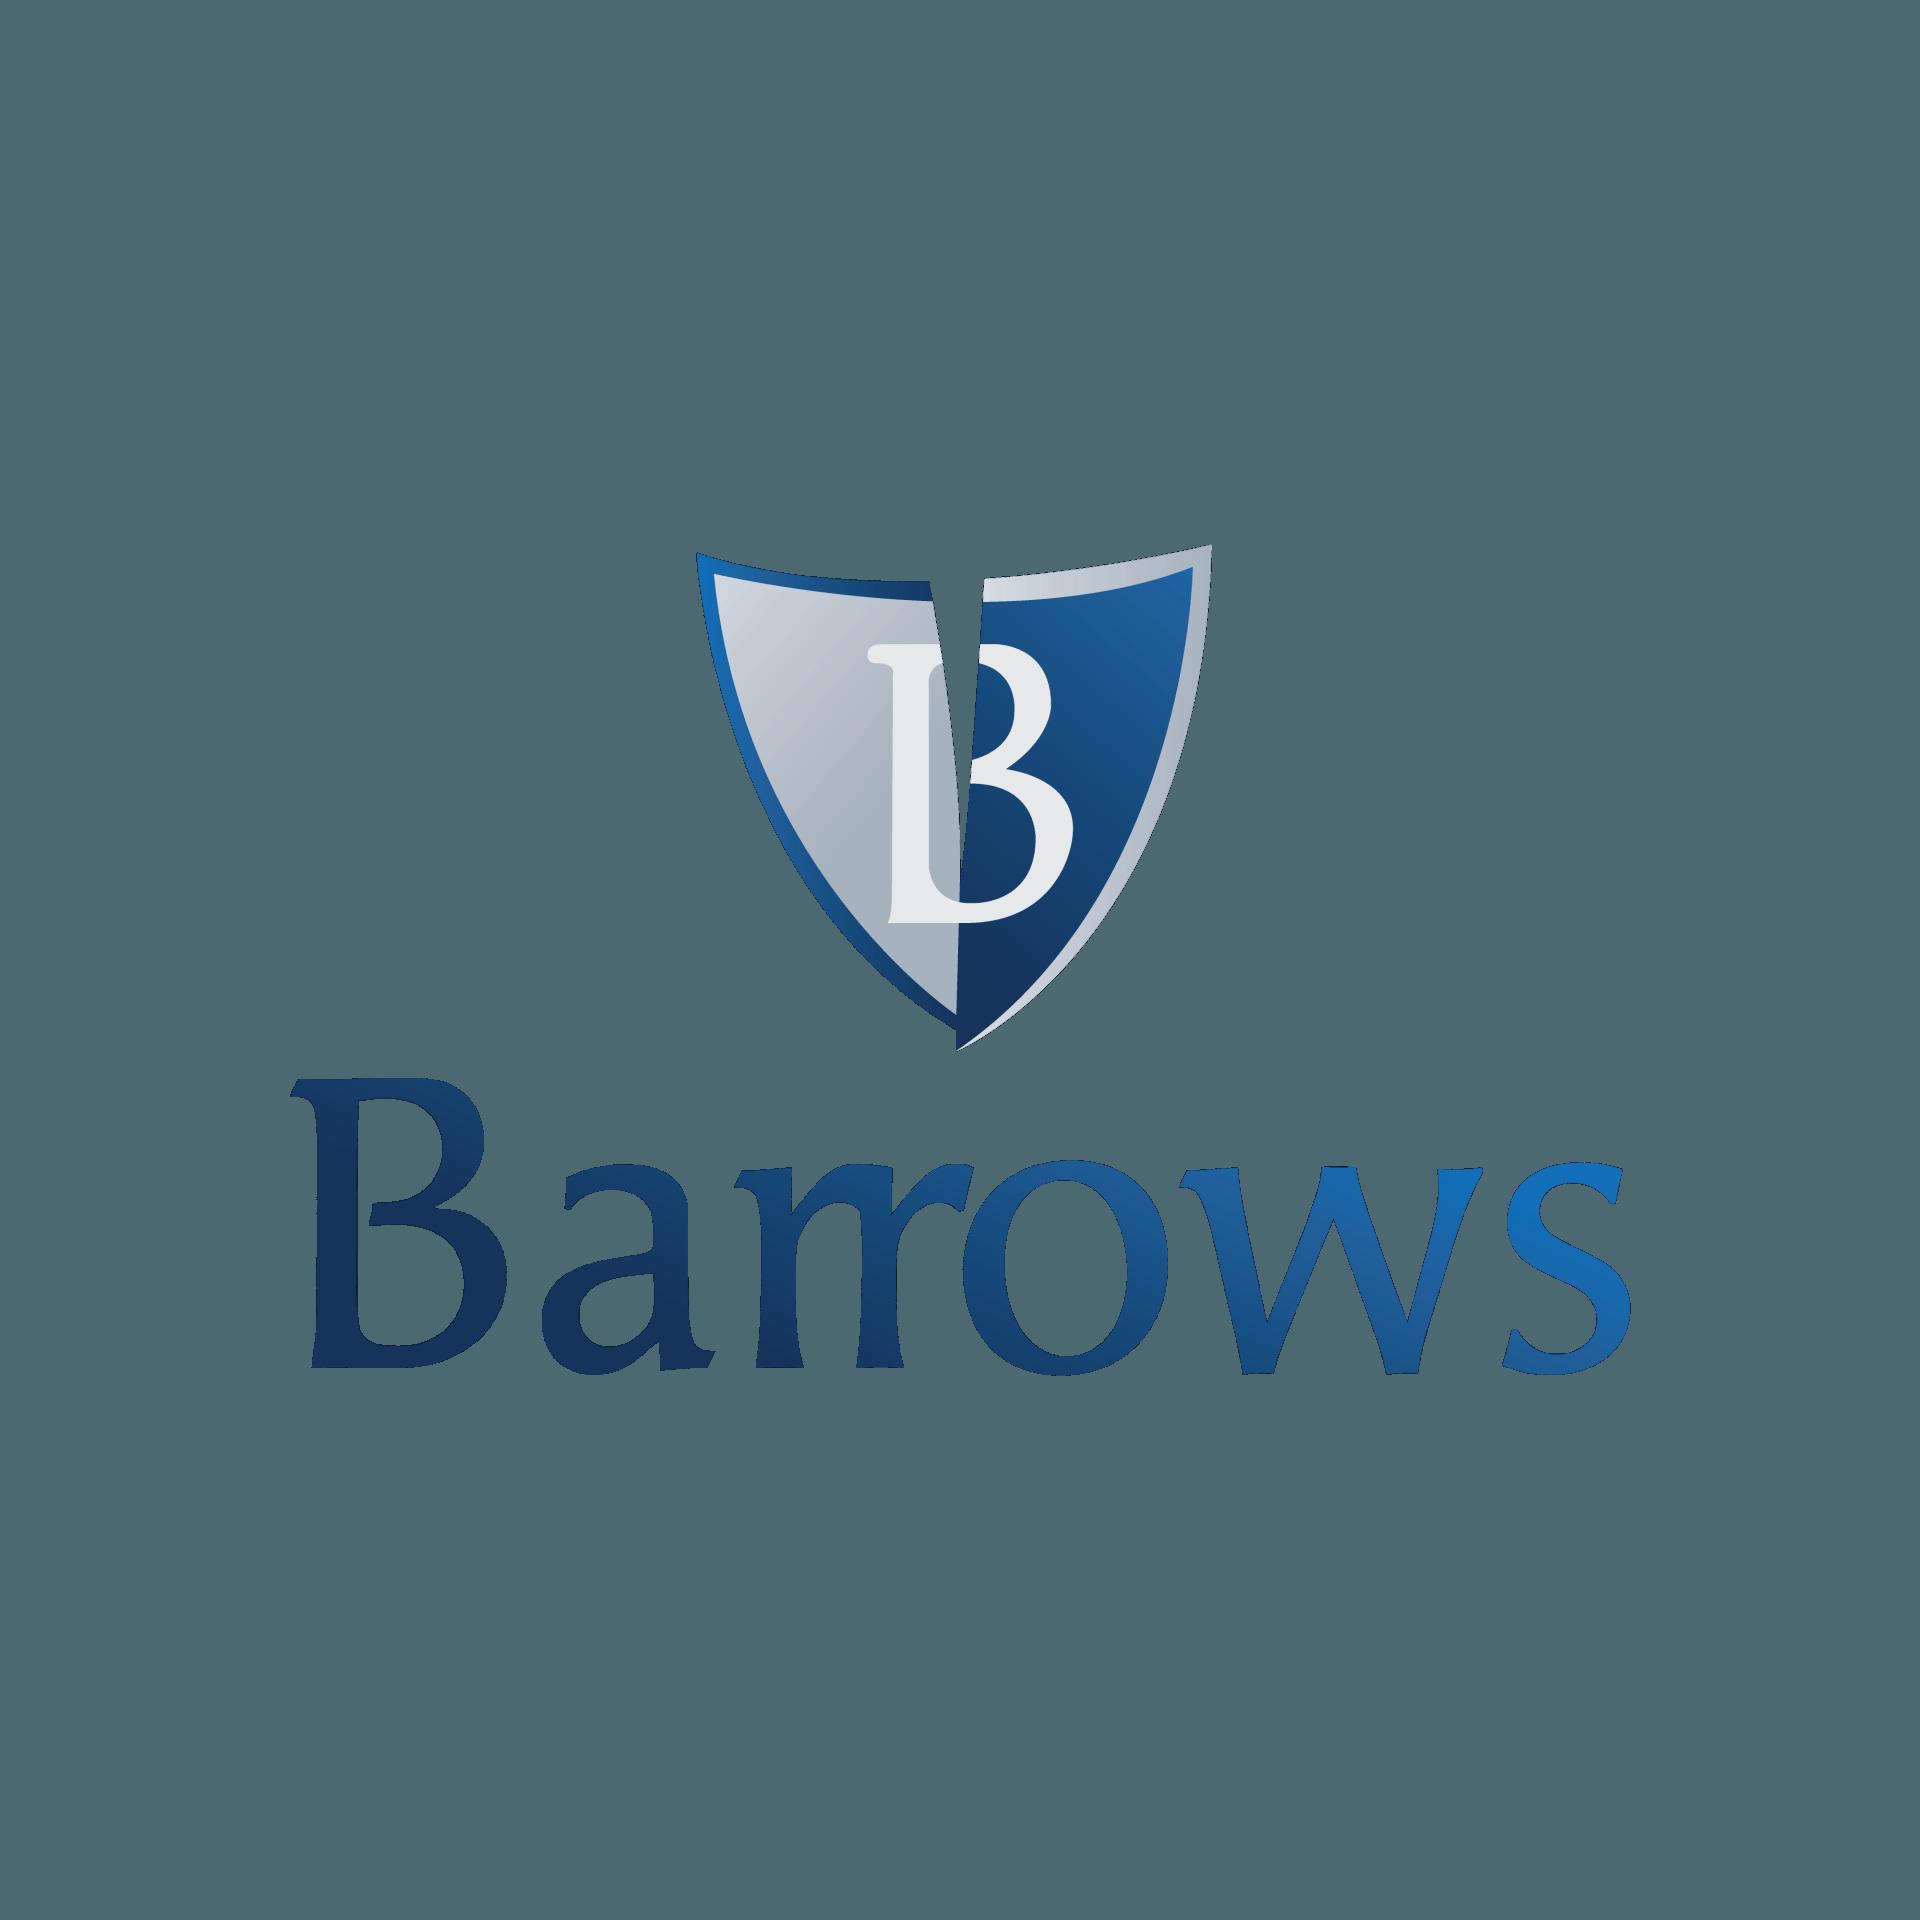 Barrows Hotel Consultancy